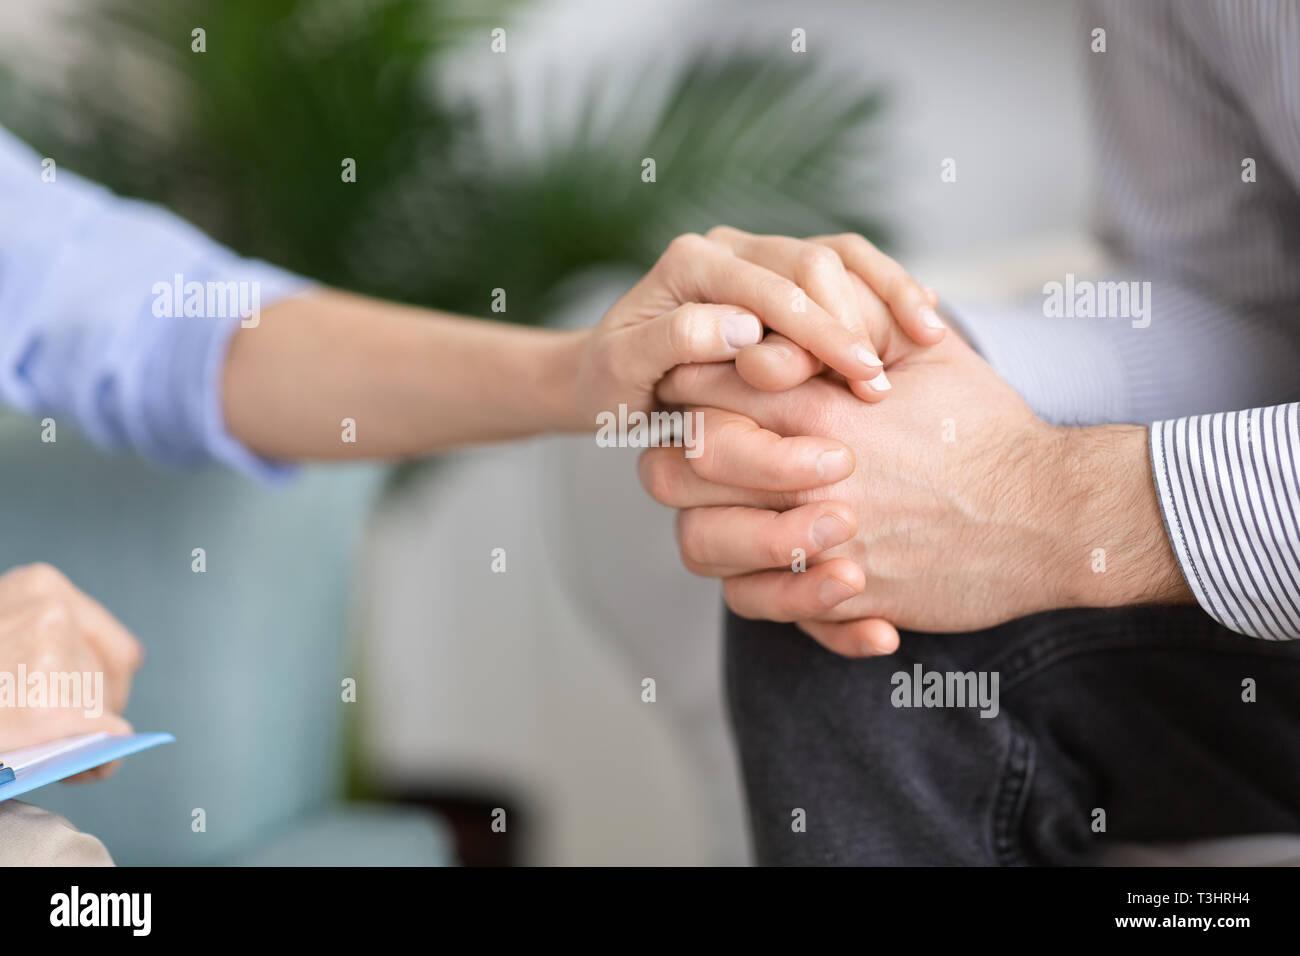 Donna Uomo tenendo la mano in gesto di supporto Immagini Stock